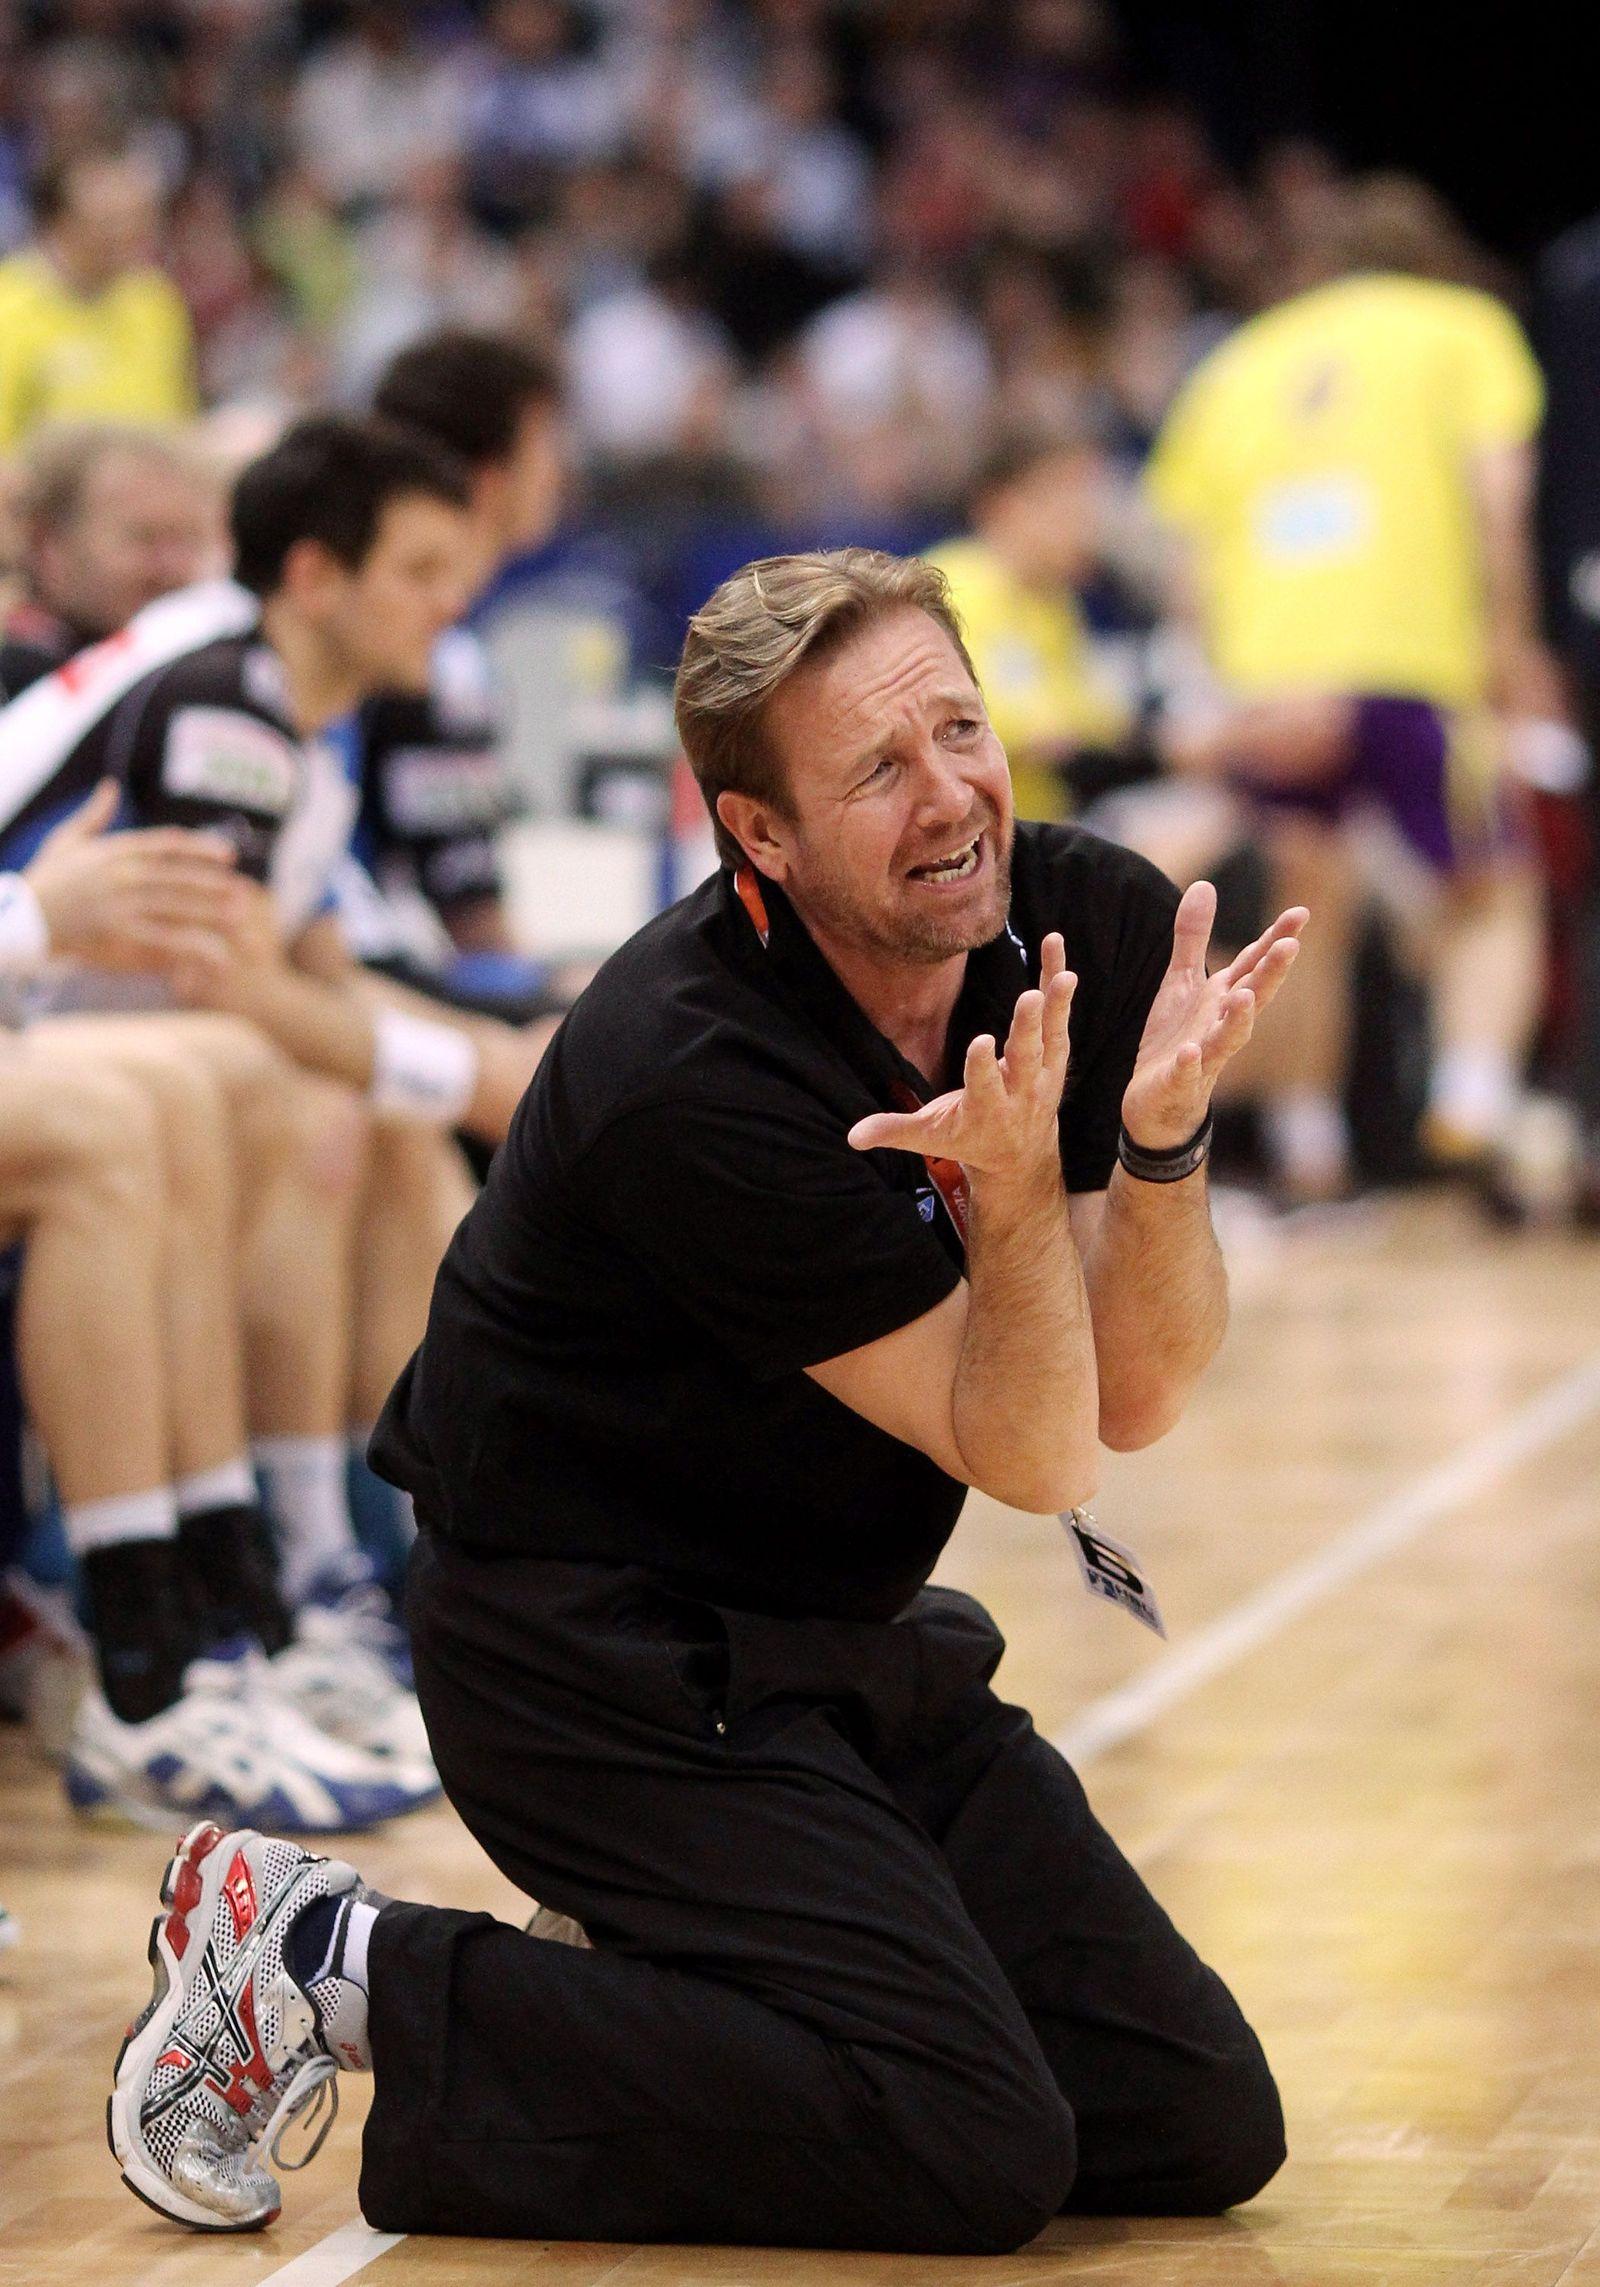 Martin Schwalb / Handball